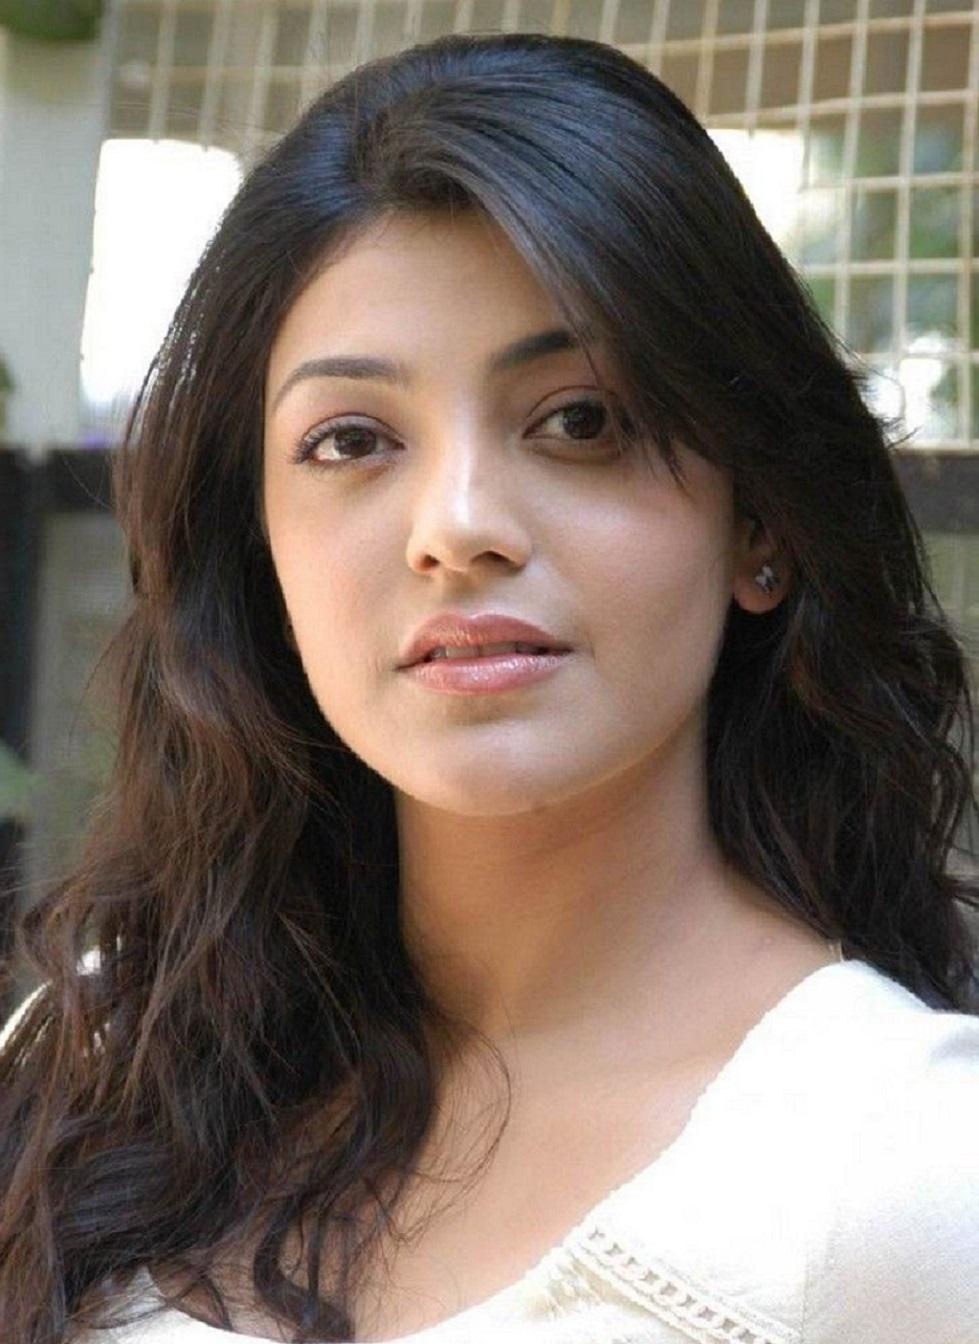 Tamil Actress Photo Gallery Hot Photos Actress Wallpapers Images